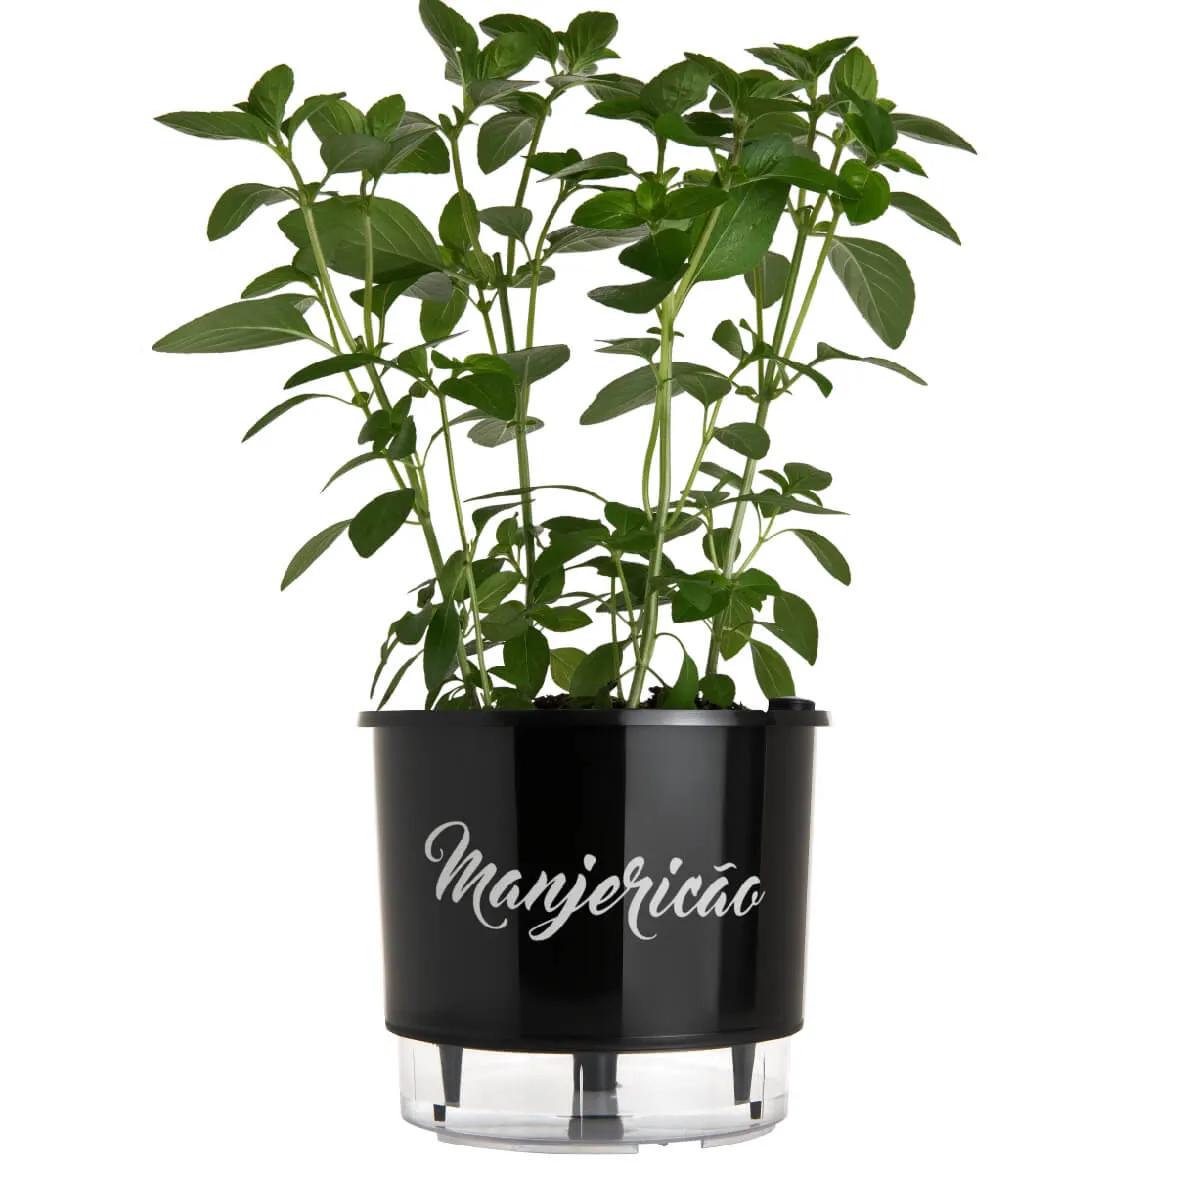 Vaso Autoirrigável Médio Preto Coleção Gourmet 16cm x 14cm Manjericão  - Vasos Raiz Loja Oficial